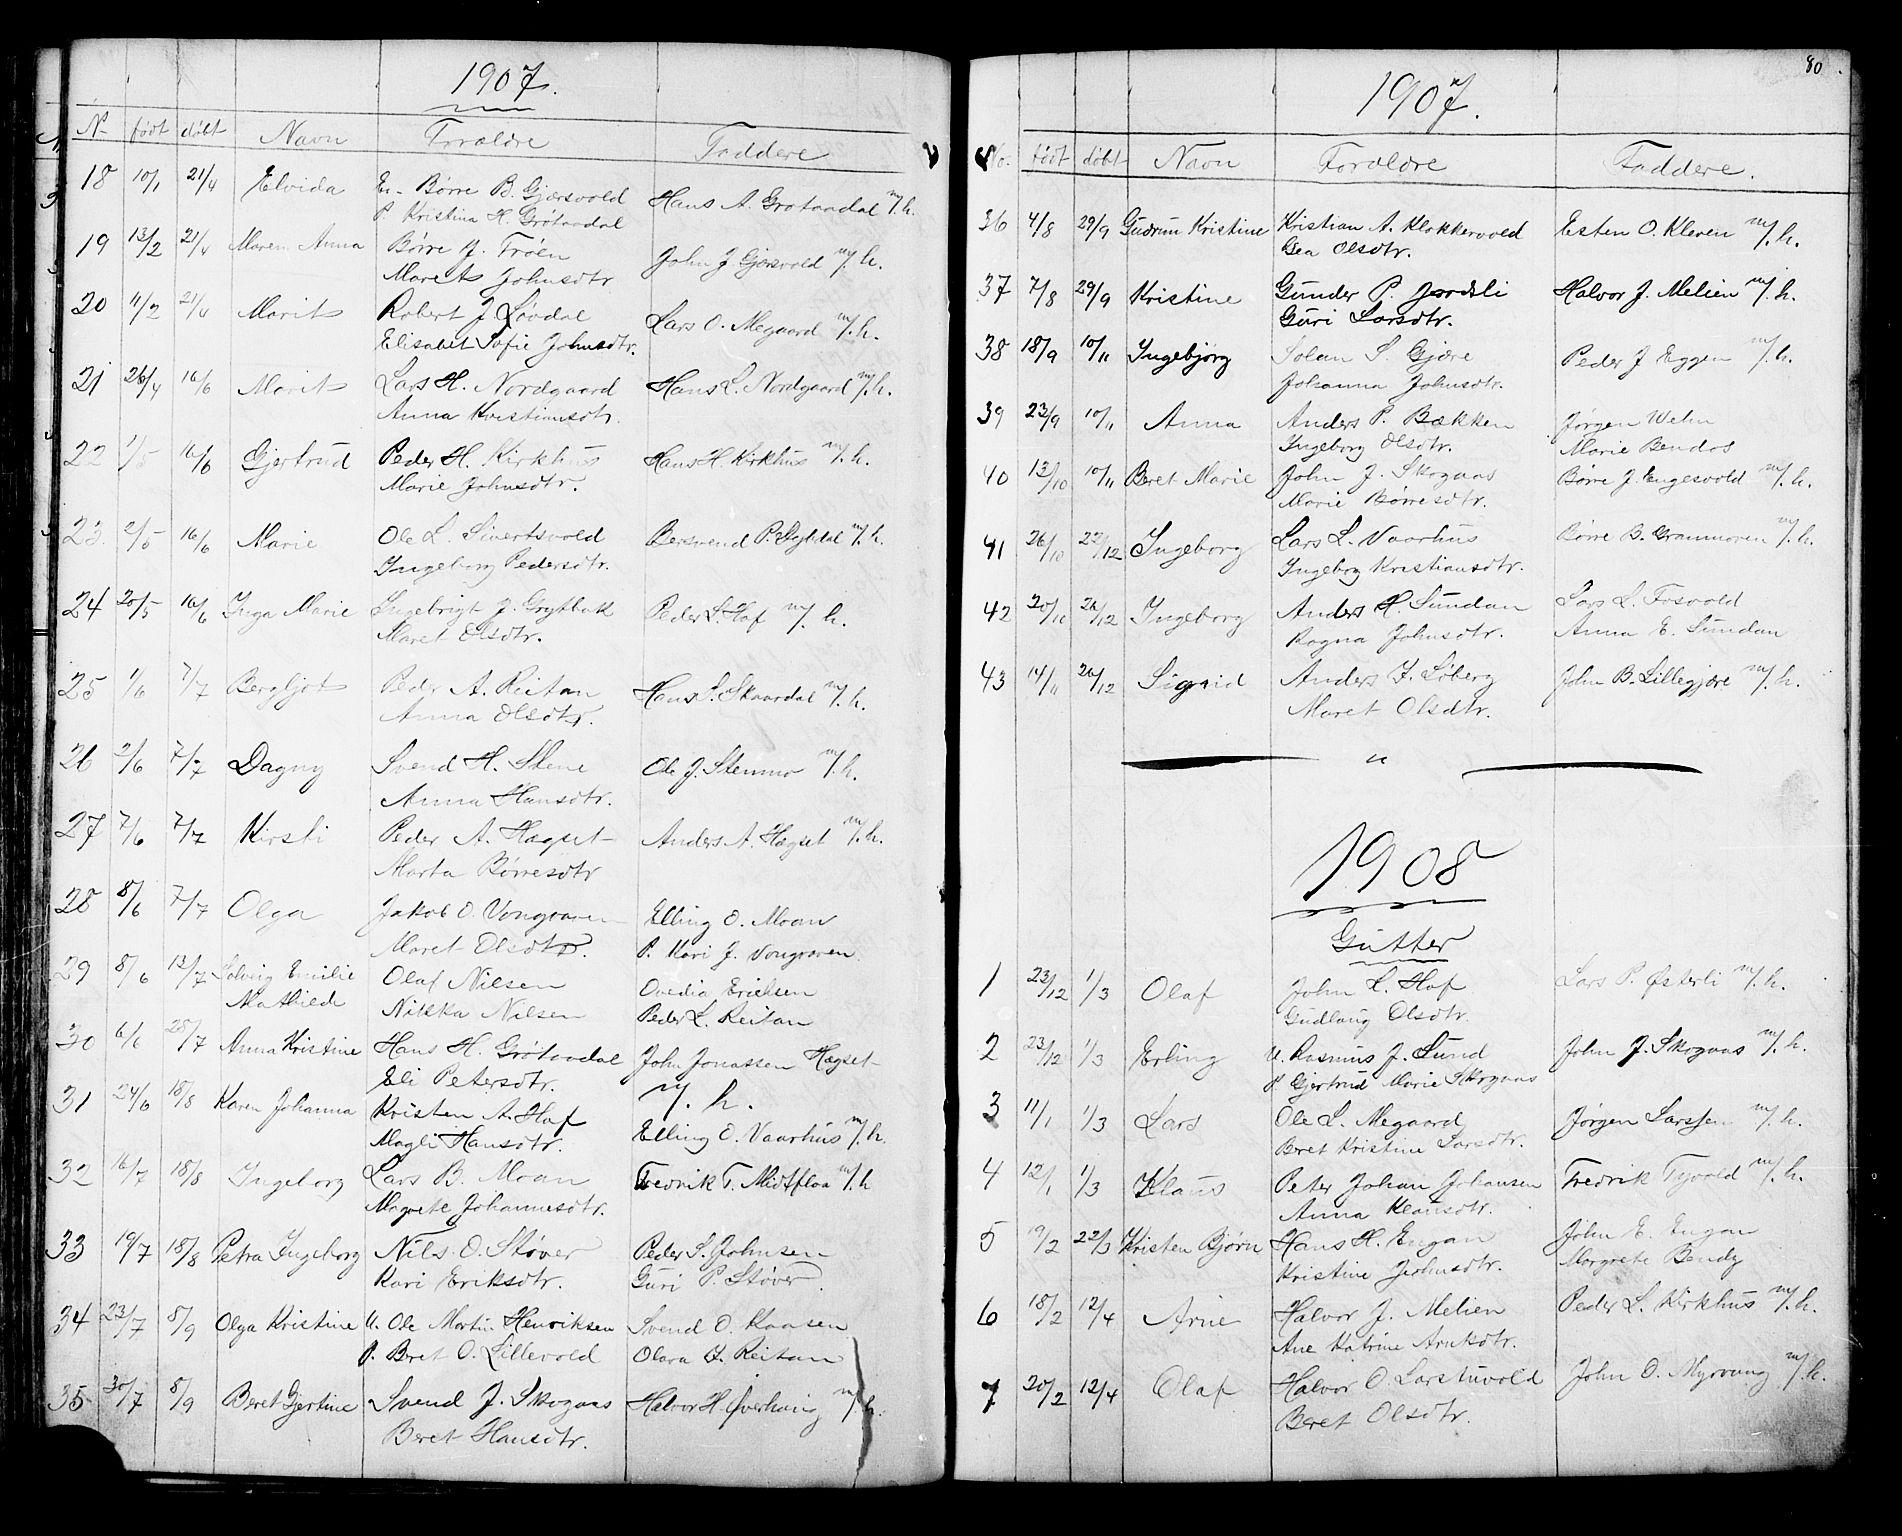 SAT, Ministerialprotokoller, klokkerbøker og fødselsregistre - Sør-Trøndelag, 686/L0985: Klokkerbok nr. 686C01, 1871-1933, s. 80